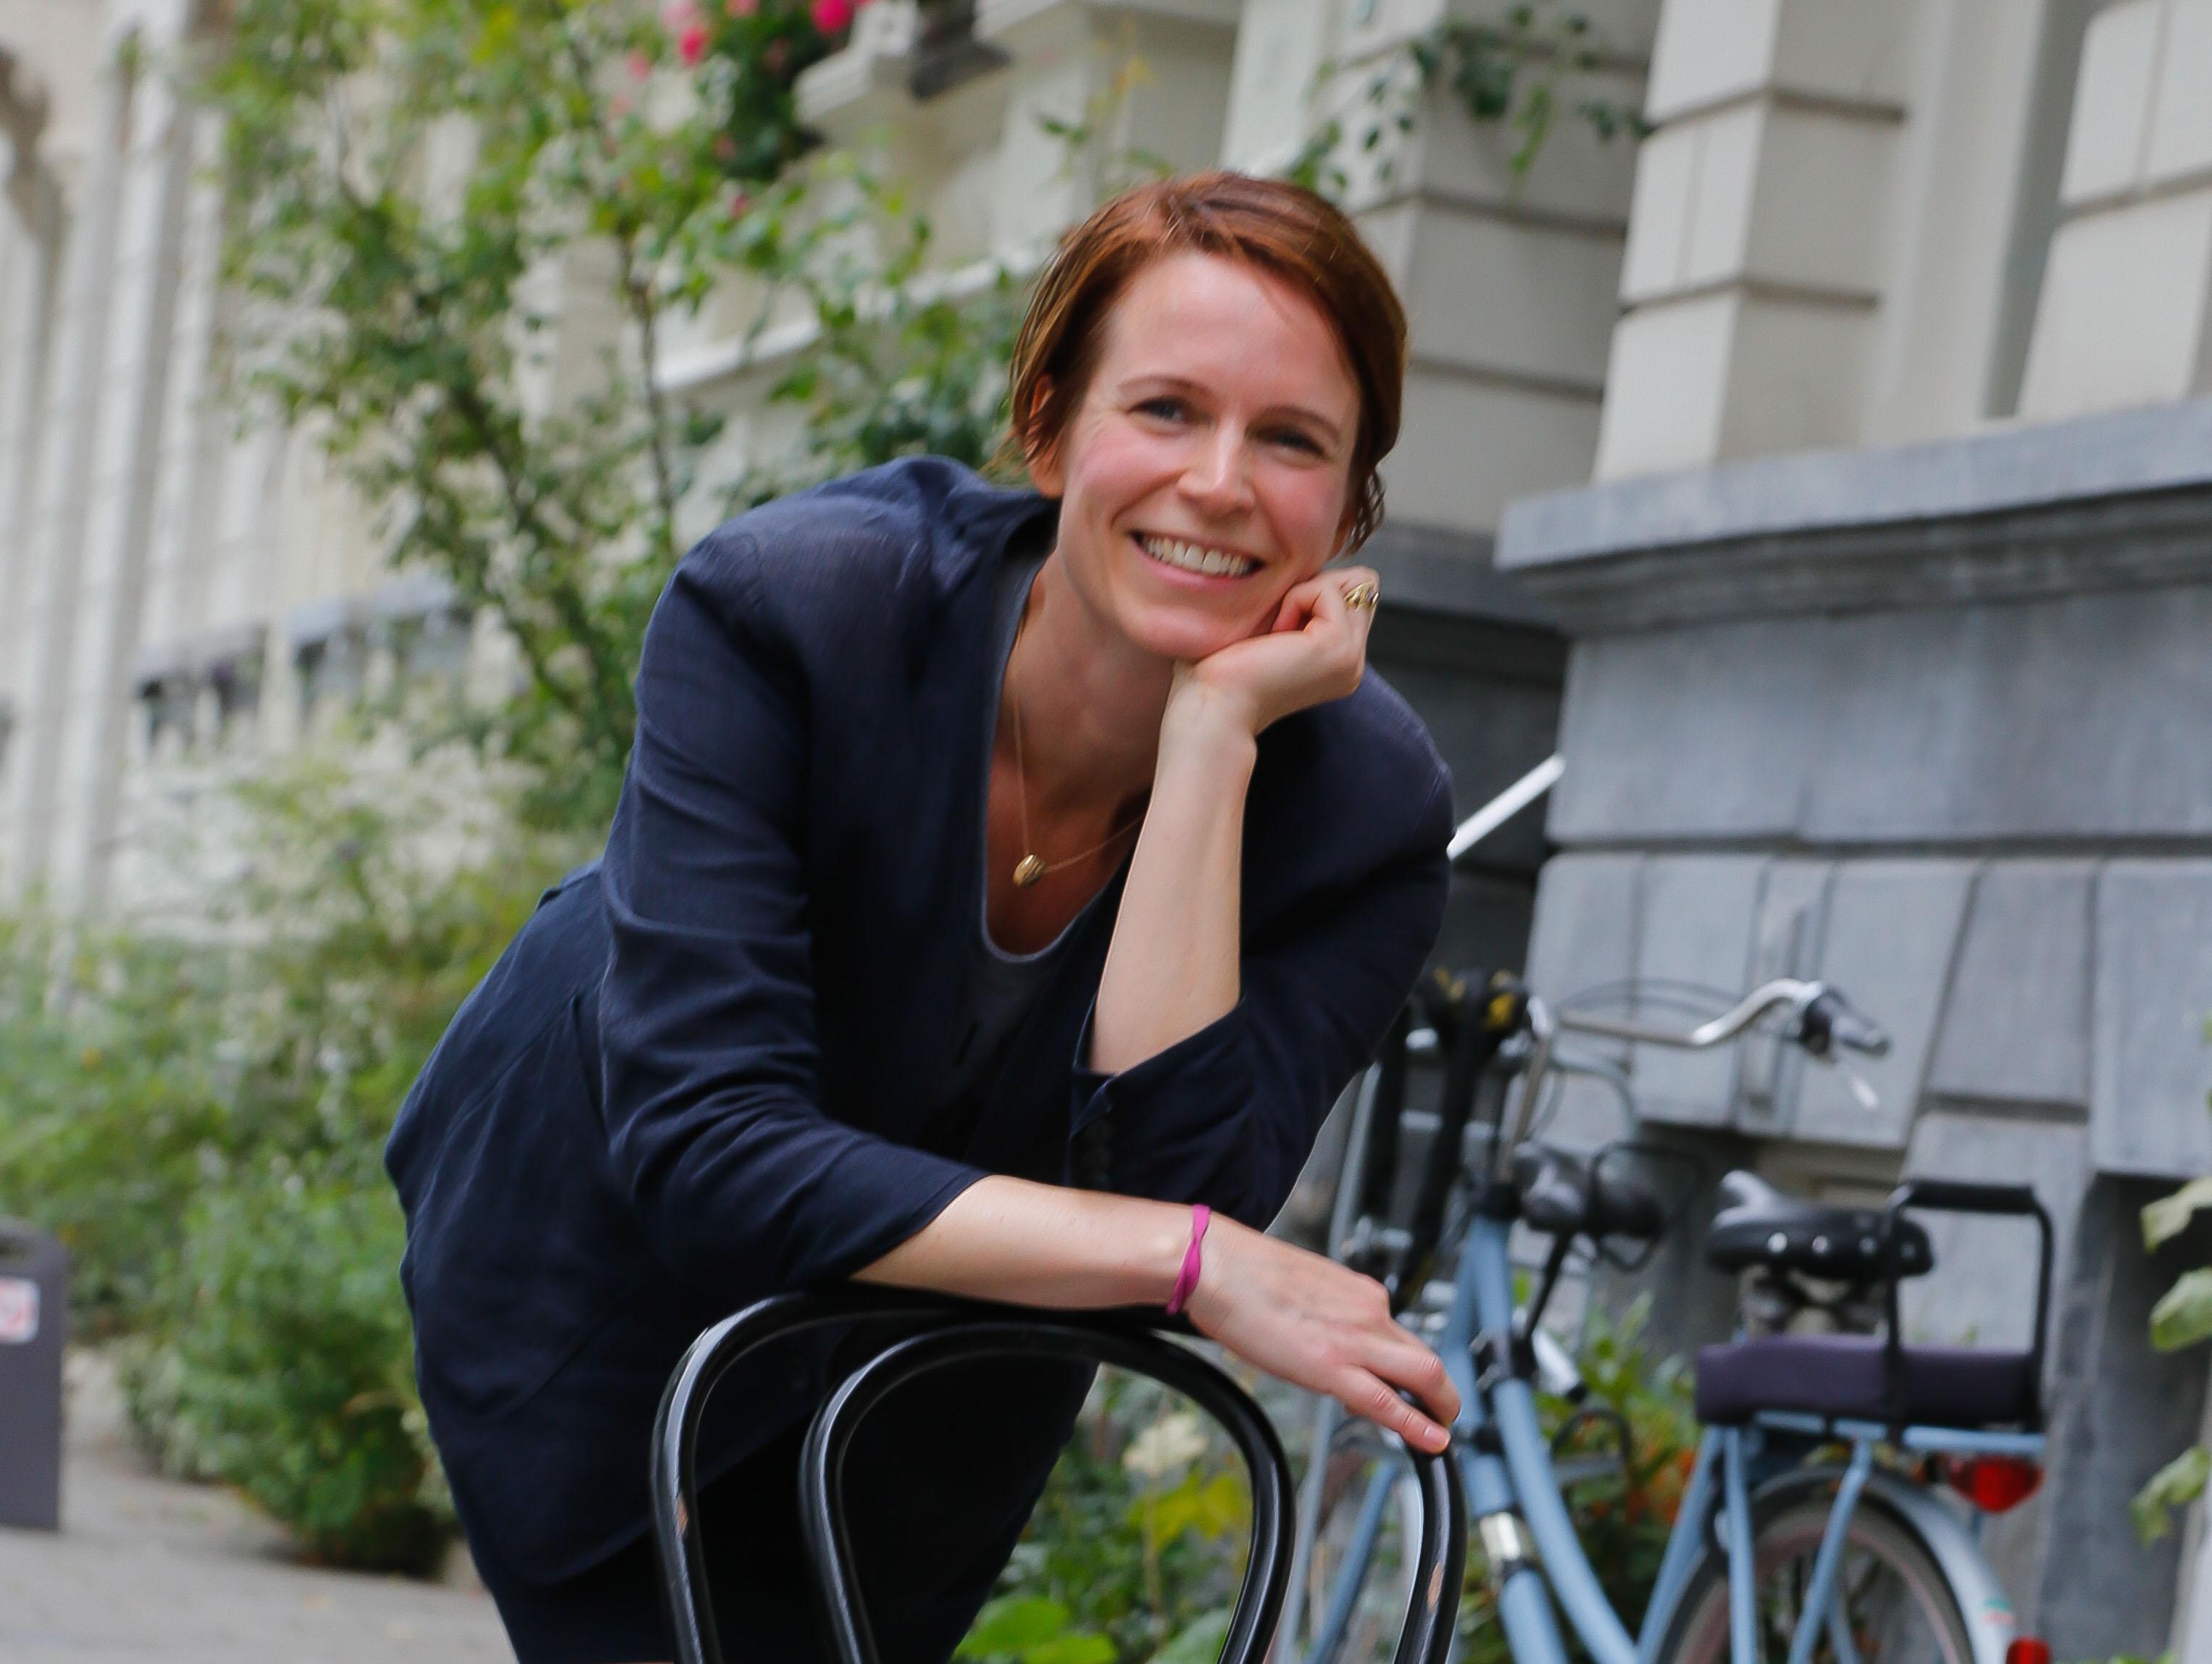 Hannah van Wieringen gaat het liefst naar haar vertrouwde Grote Bioscoop in kleine verpakking | column